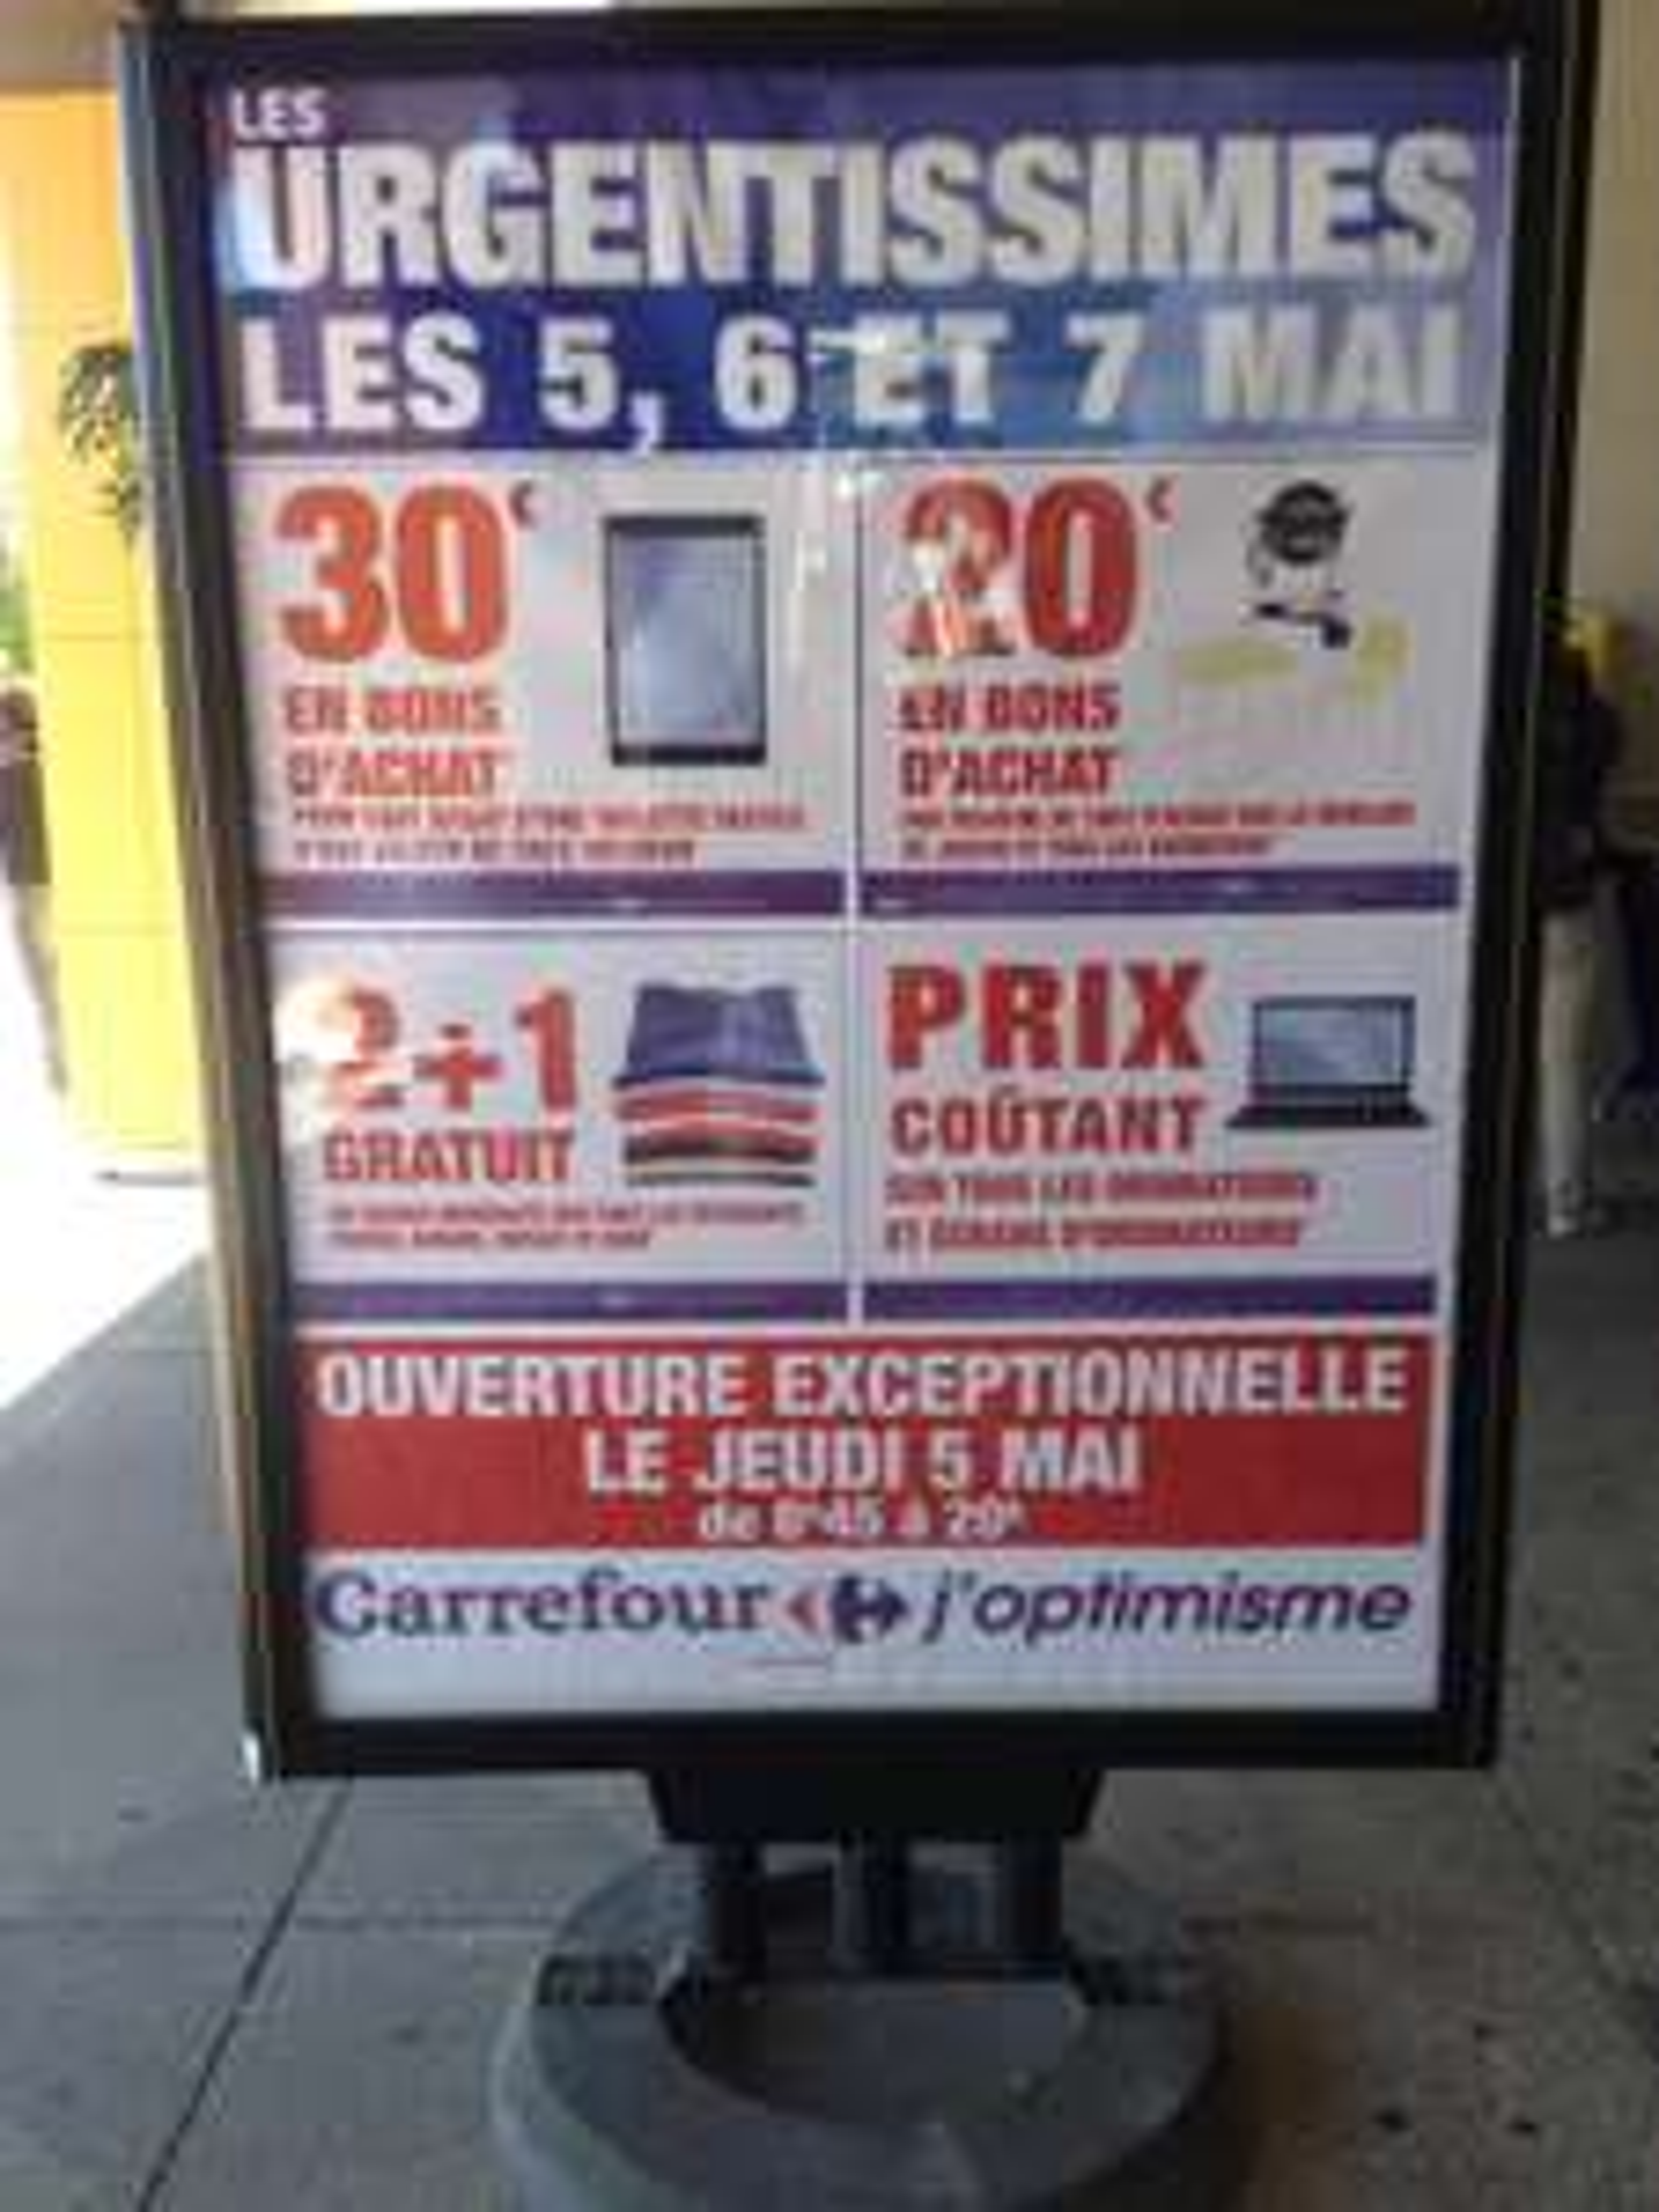 Sélection de promotions - Ex : 20€ offert en bon d'achat par tranche de 100€ sur le mobilier de jardin et tous les barbecues